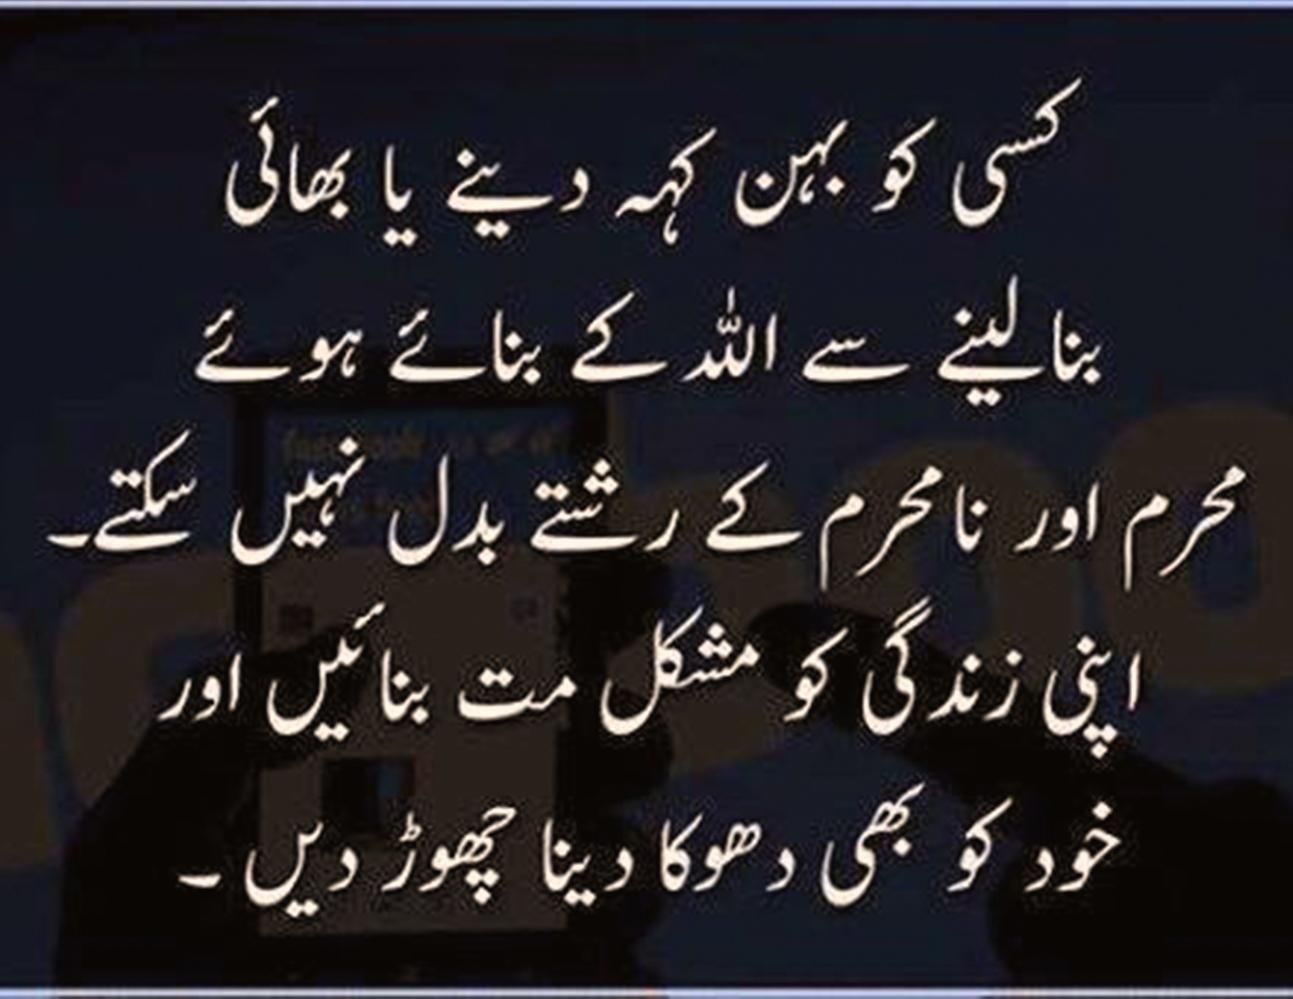 Amazing Urdu Quotes Pics Facebook Urdu Quotes Images Poetry In Urdu